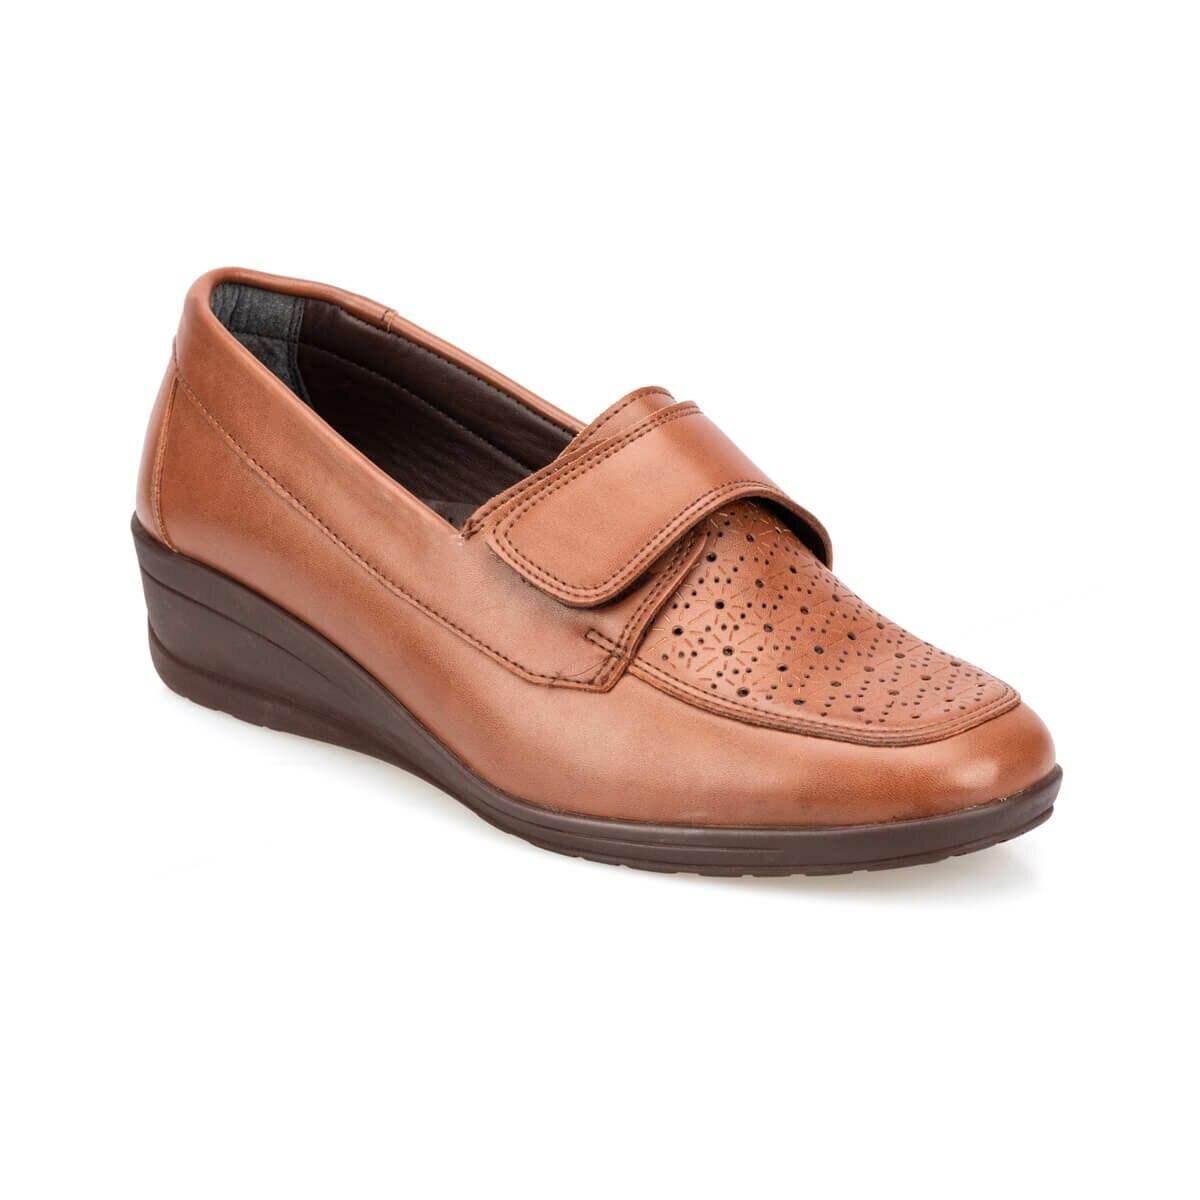 FLO 91.150705.Z Tan Women 'S Shoes Polaris